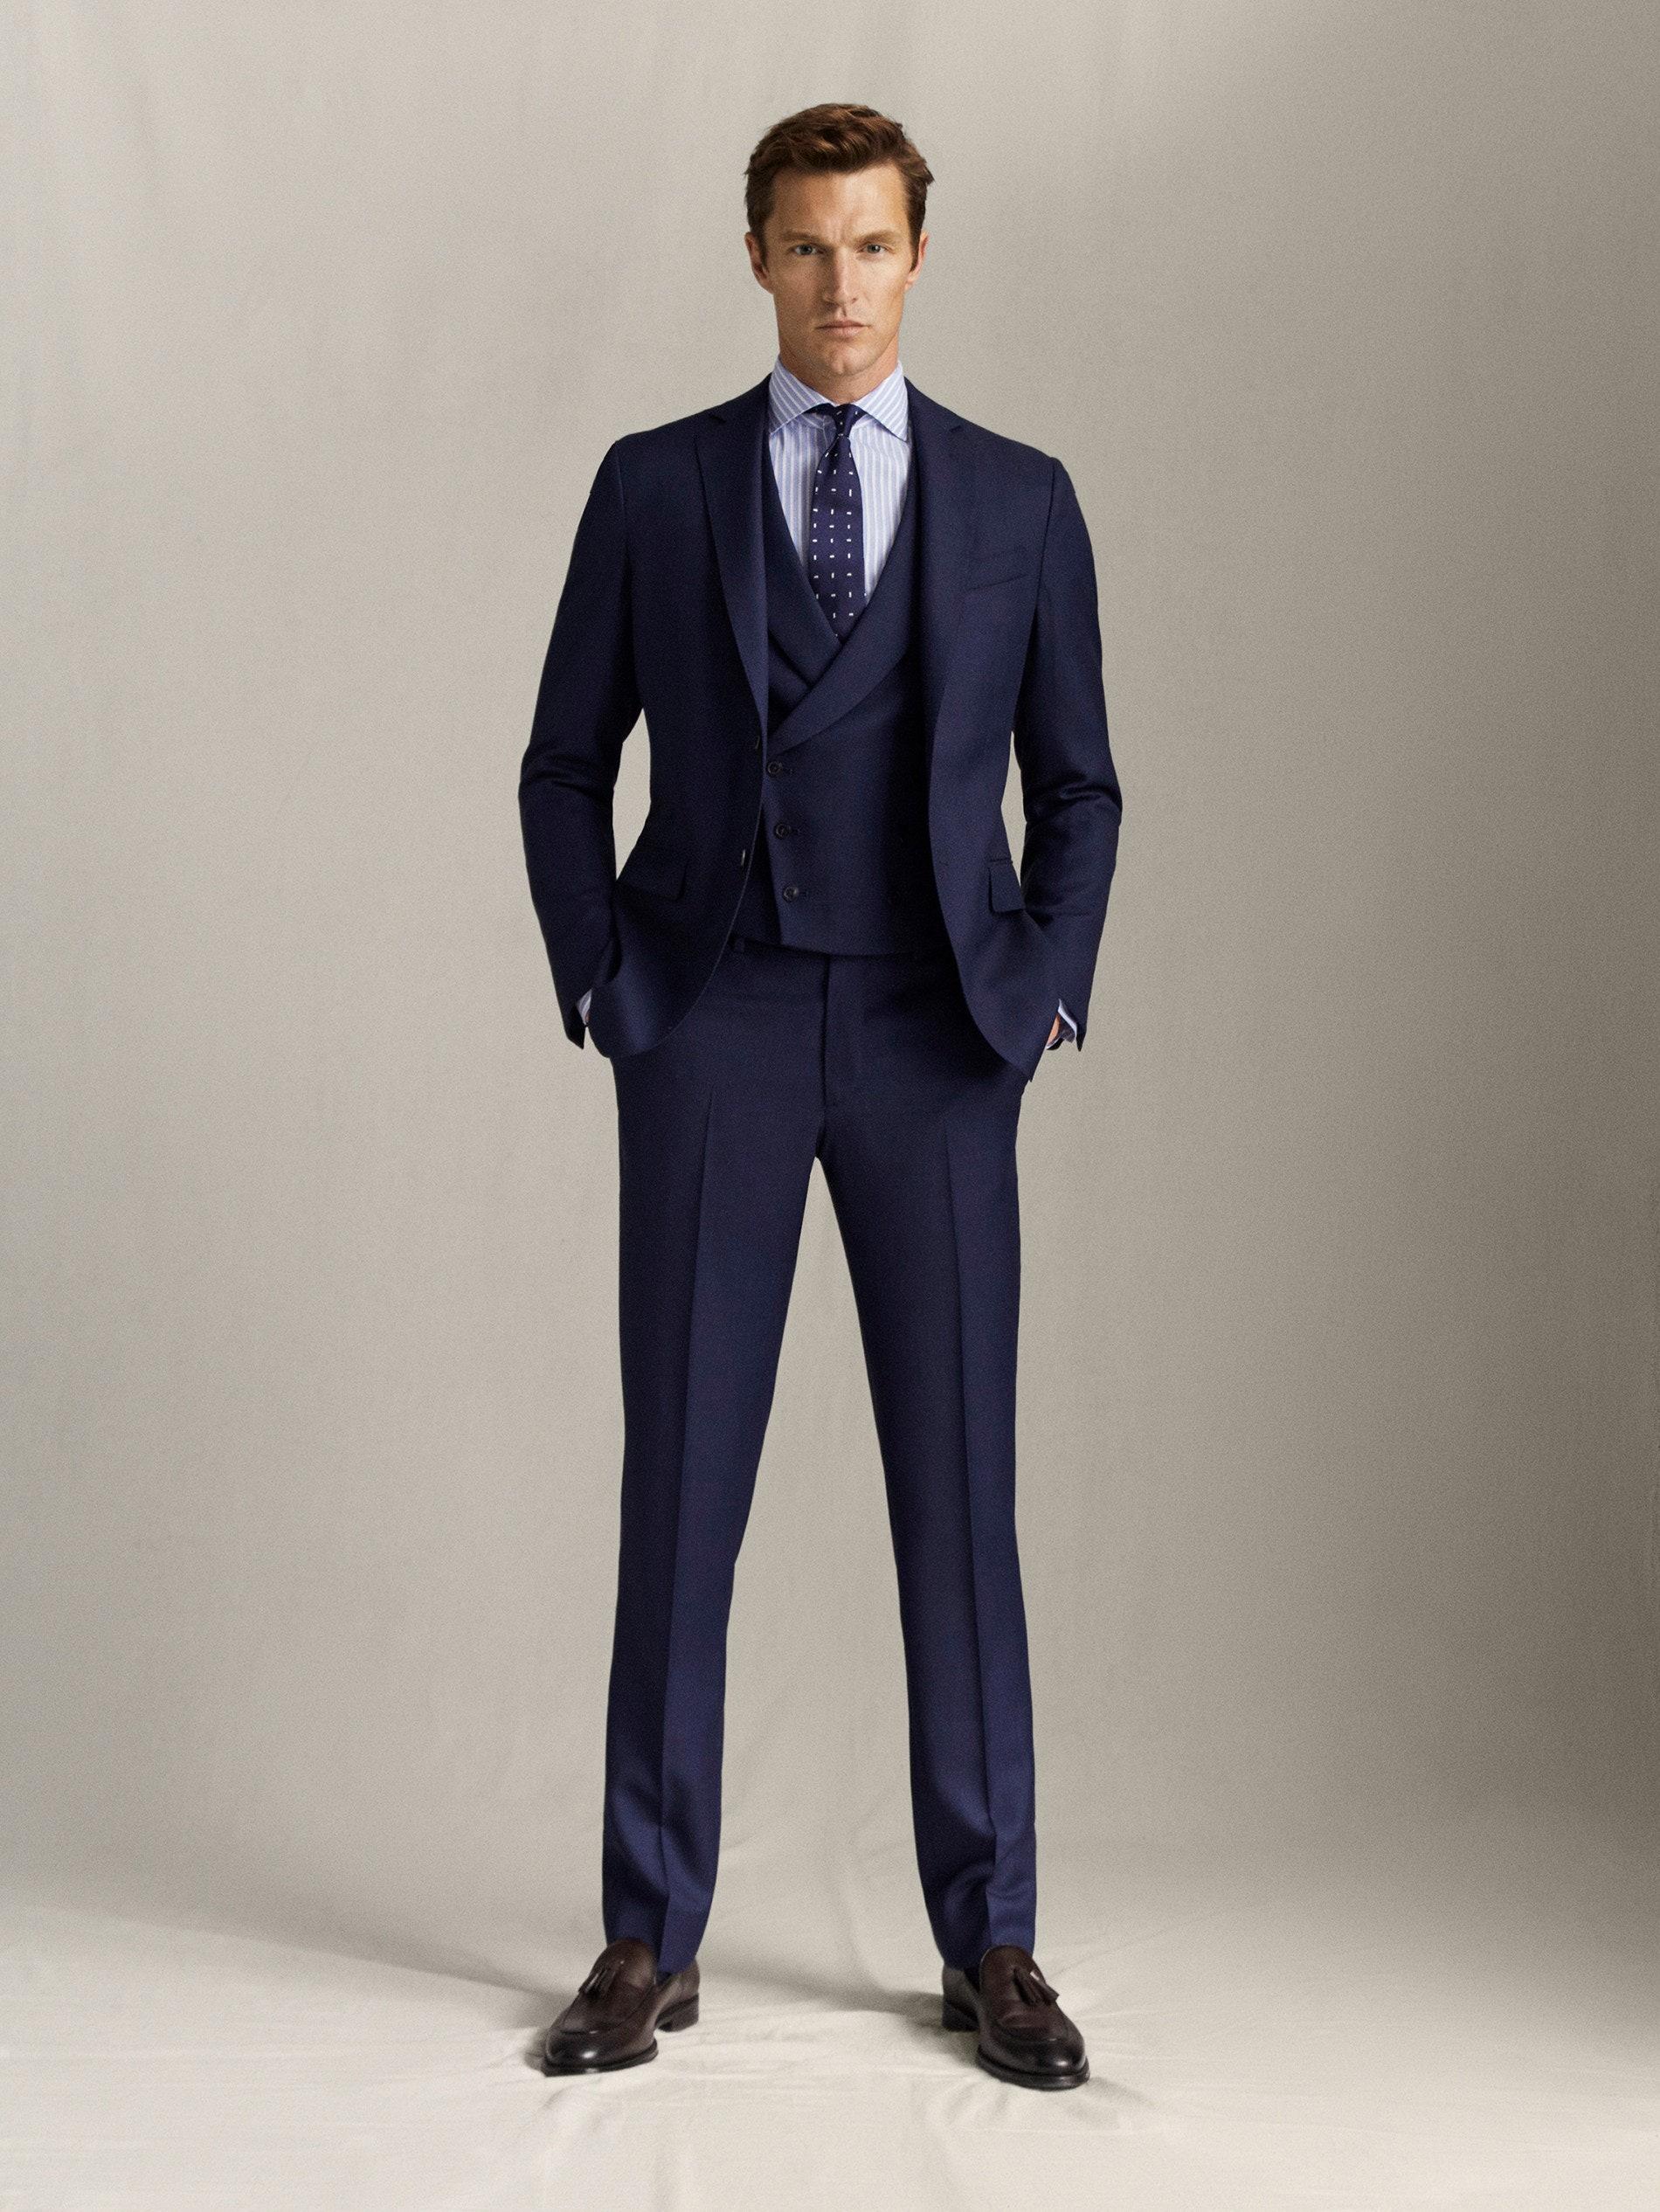 Créez un look élégant de chemise bleue